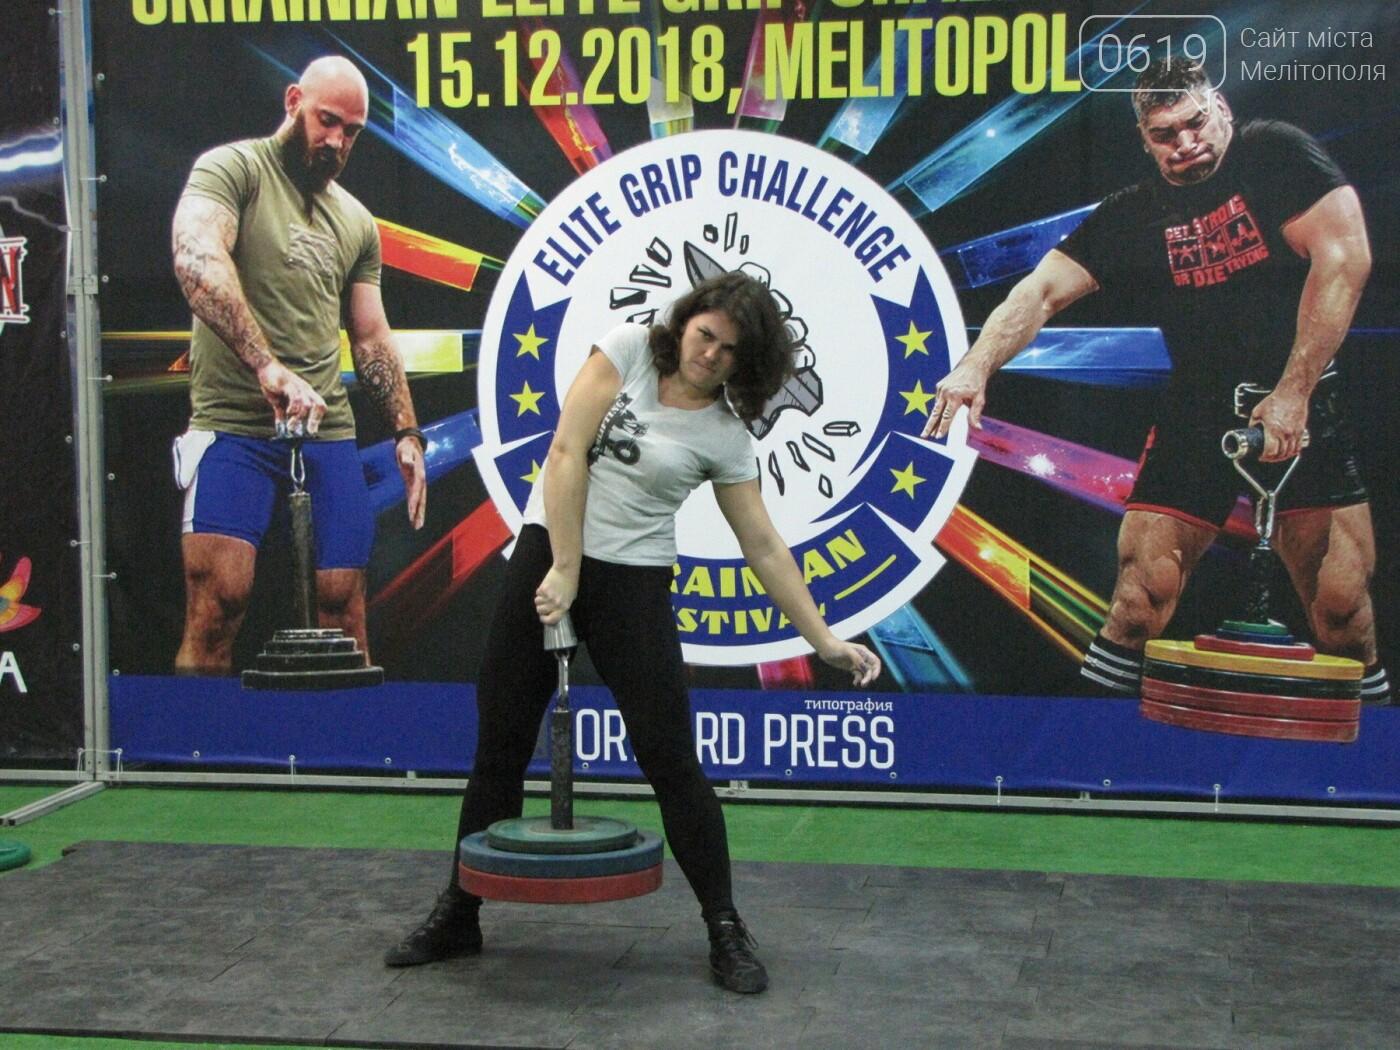 В Мелитополе сильнейшие атлеты соревновались в силе хвата, фото-25